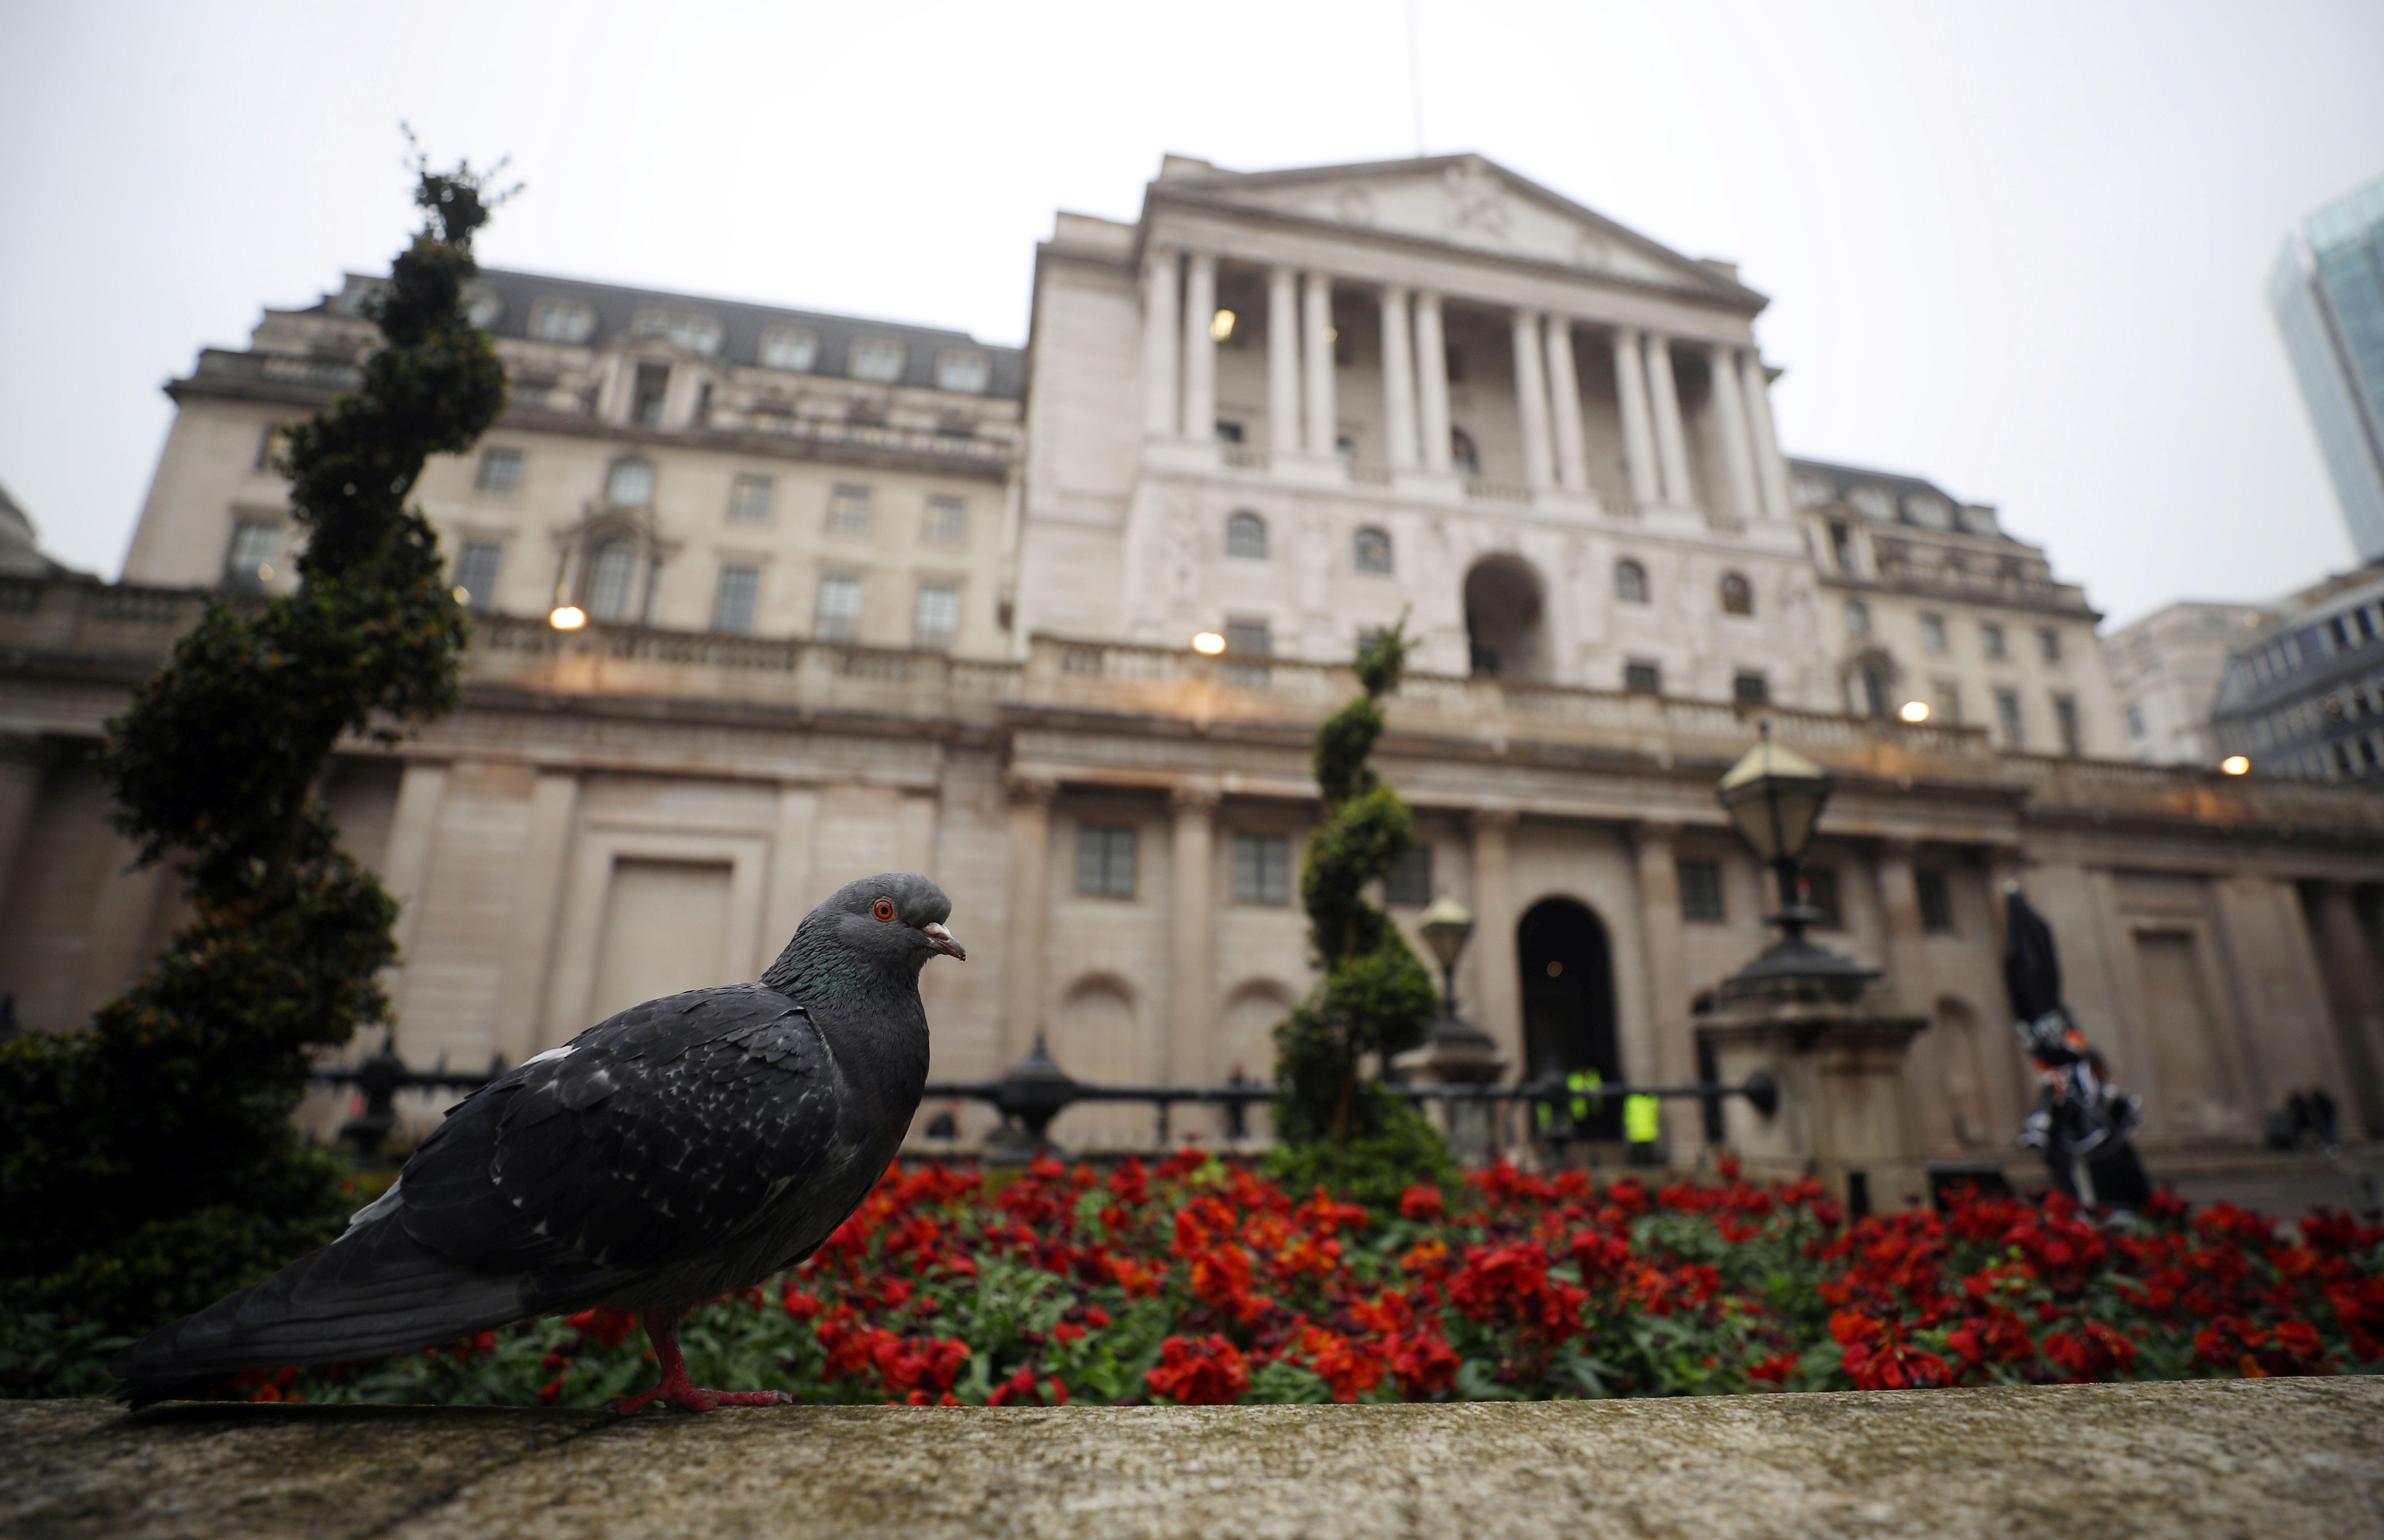 Βρετανία: Μέτρα εναντίον του ρώσικου «βρώμικου» χρήματος ζητά η Βουλή των